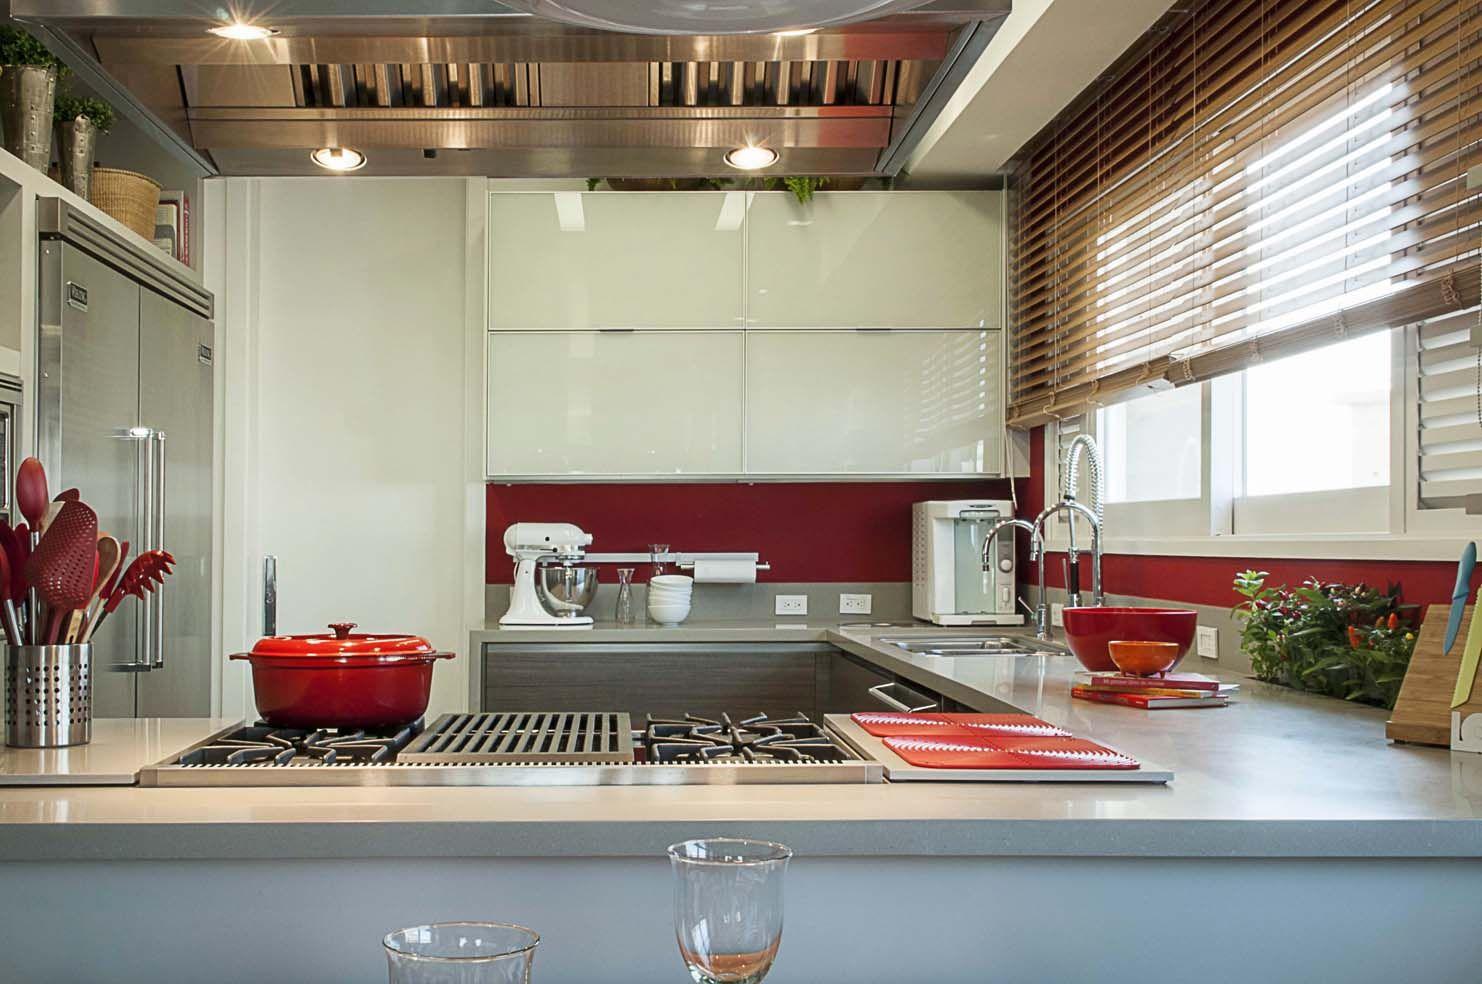 Cozinha Semi Industrial Pequena Pesquisa Google Design Cozinha